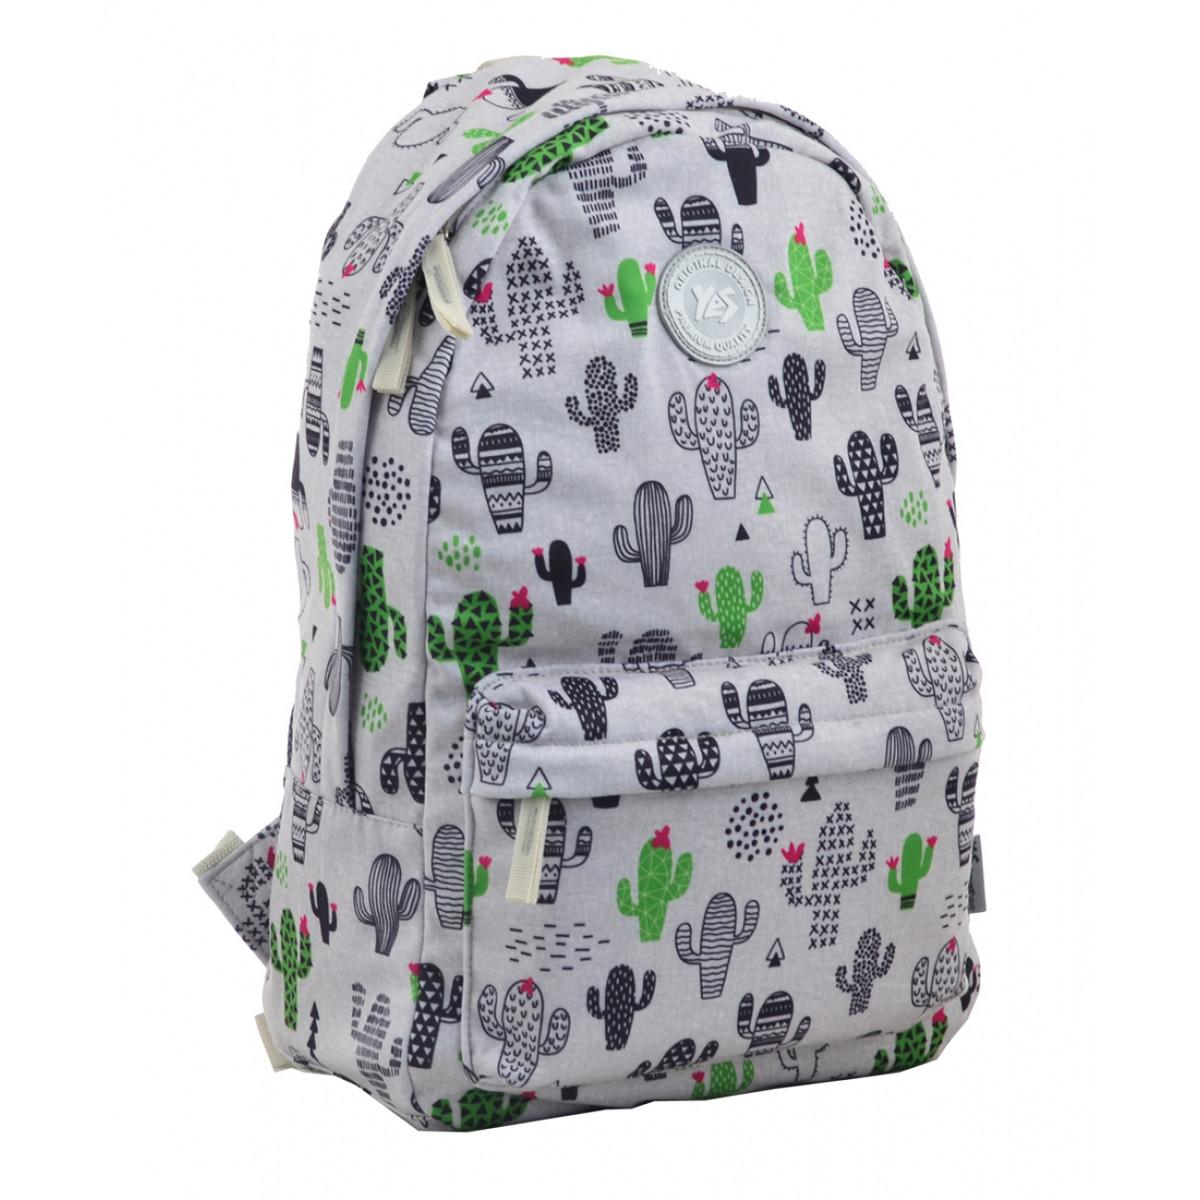 Рюкзак молодежный YES ST-31 Cactus, 44*28*14 555424